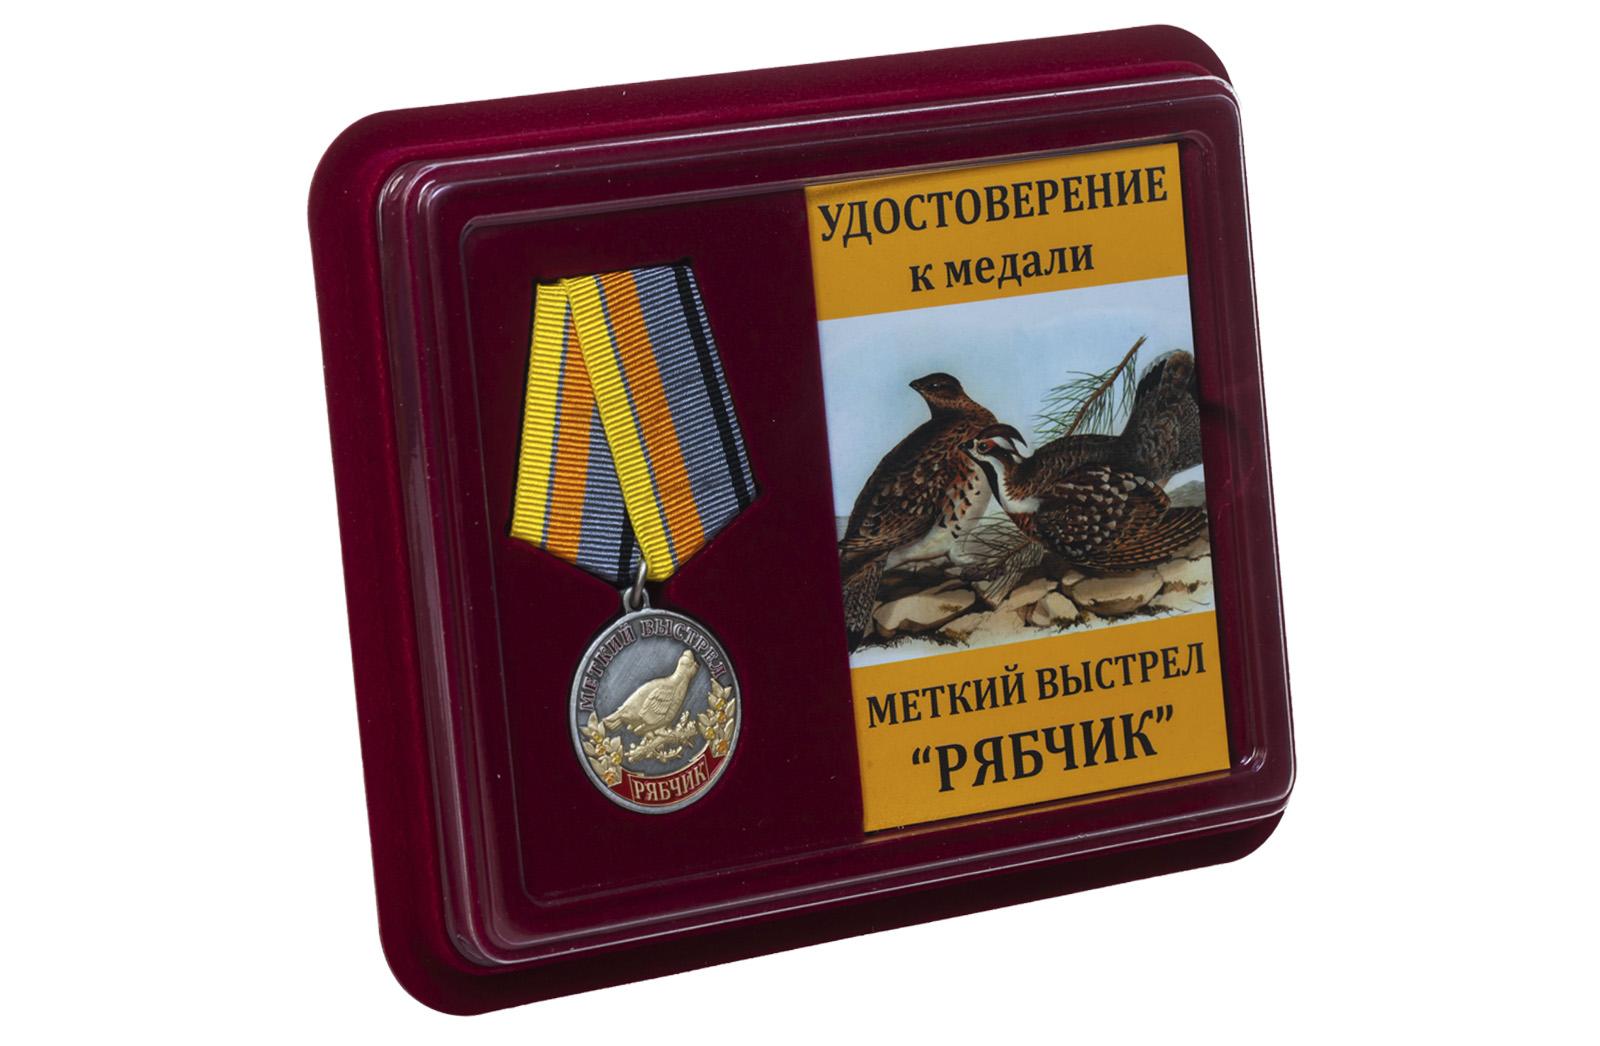 Купить медаль Меткий выстрел Рябчик оптом выгодно